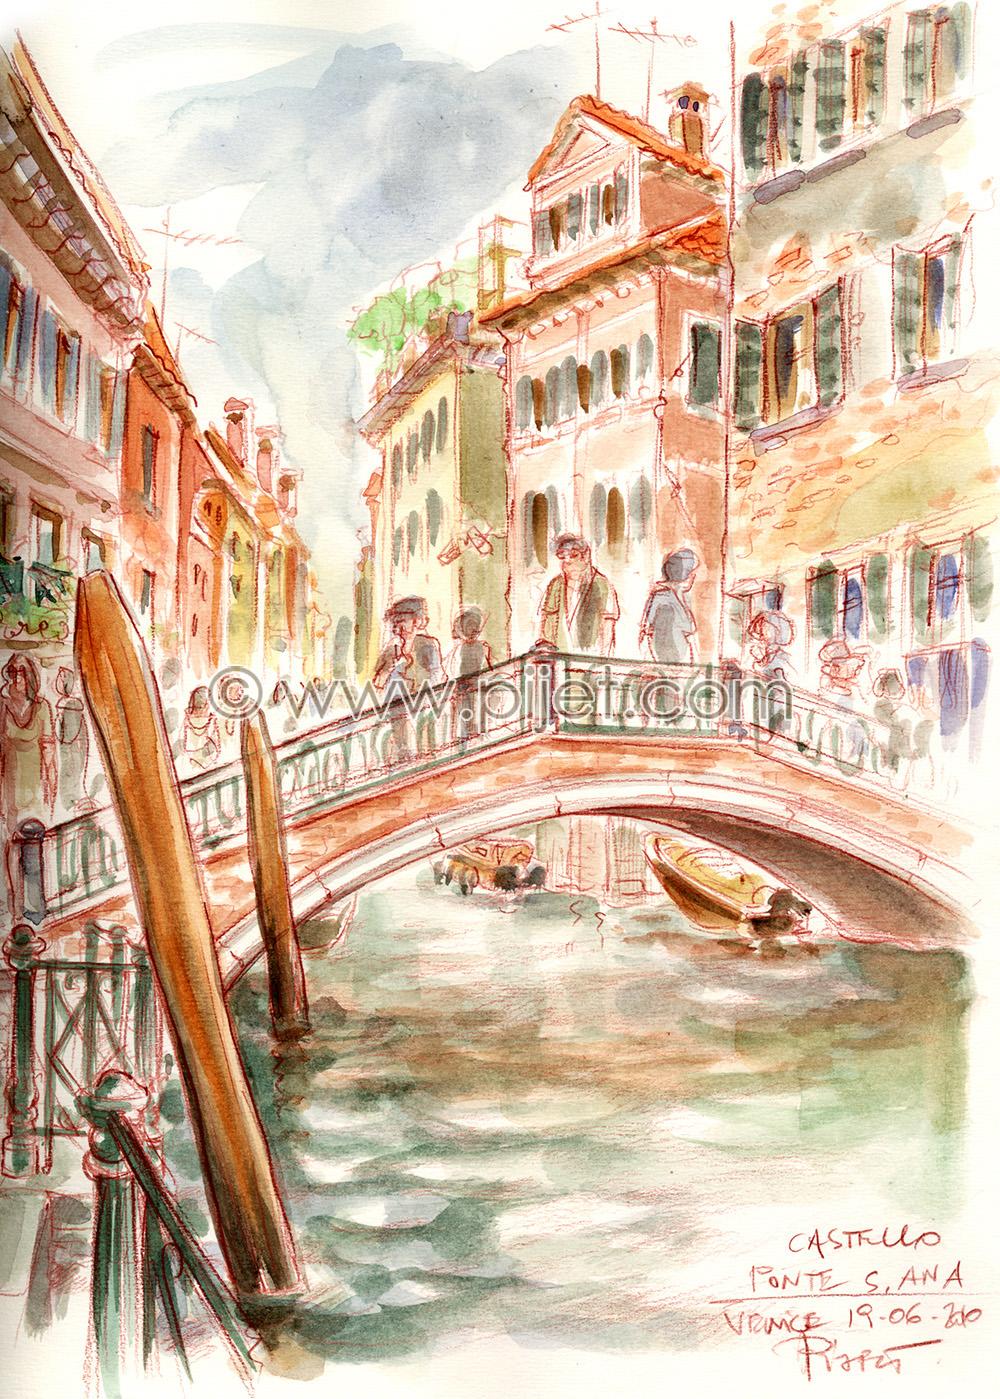 Venice-Castello